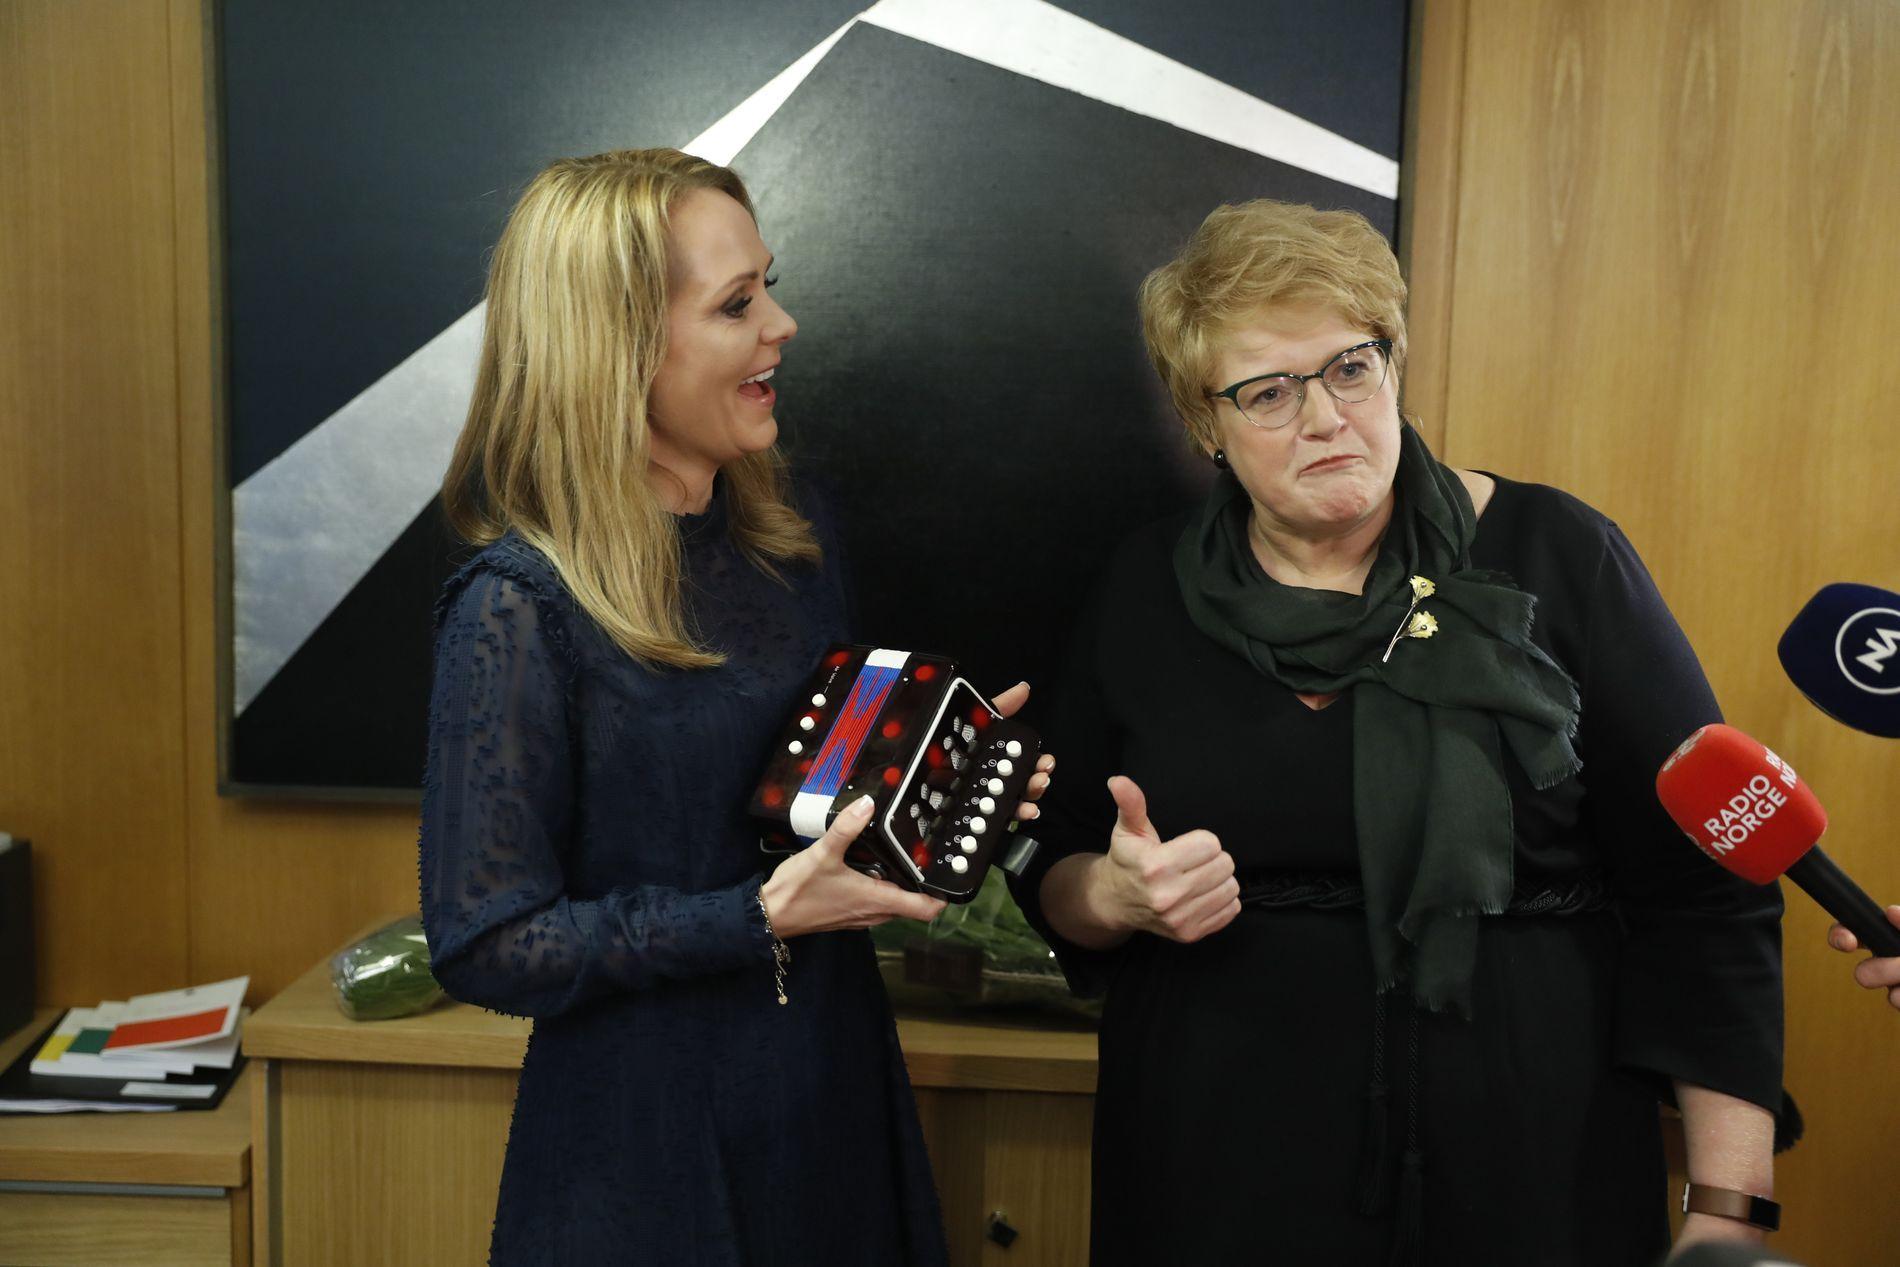 FORTSETTER LINJEN: Trine Skei Grande har erstattet Linda Hofstad Helleland som kulturminister, men kravet til åpenhet i idretten består.